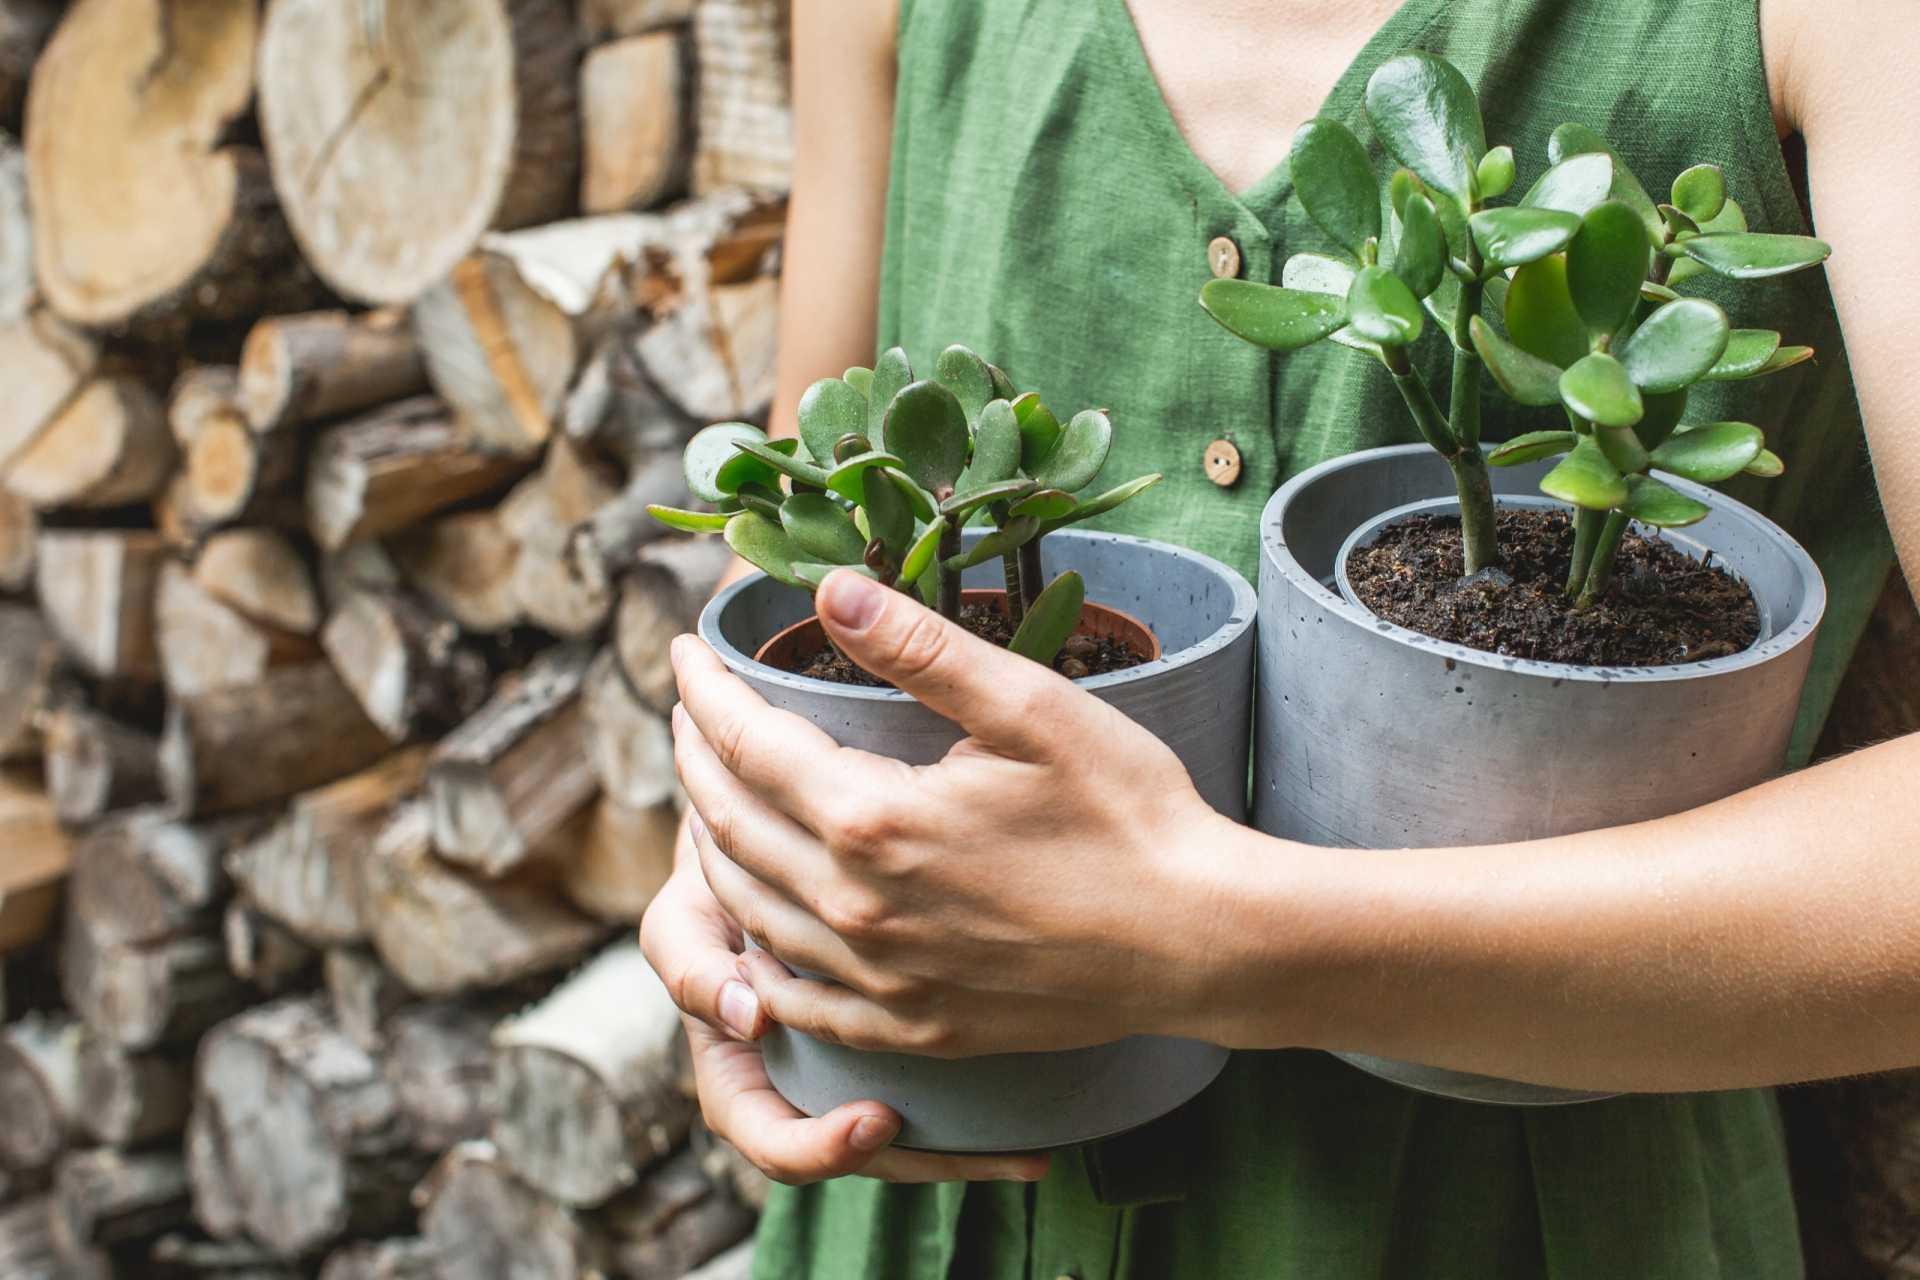 Zimmerpflanzen düngen: Das richtige Nährstoffangebot schaffen